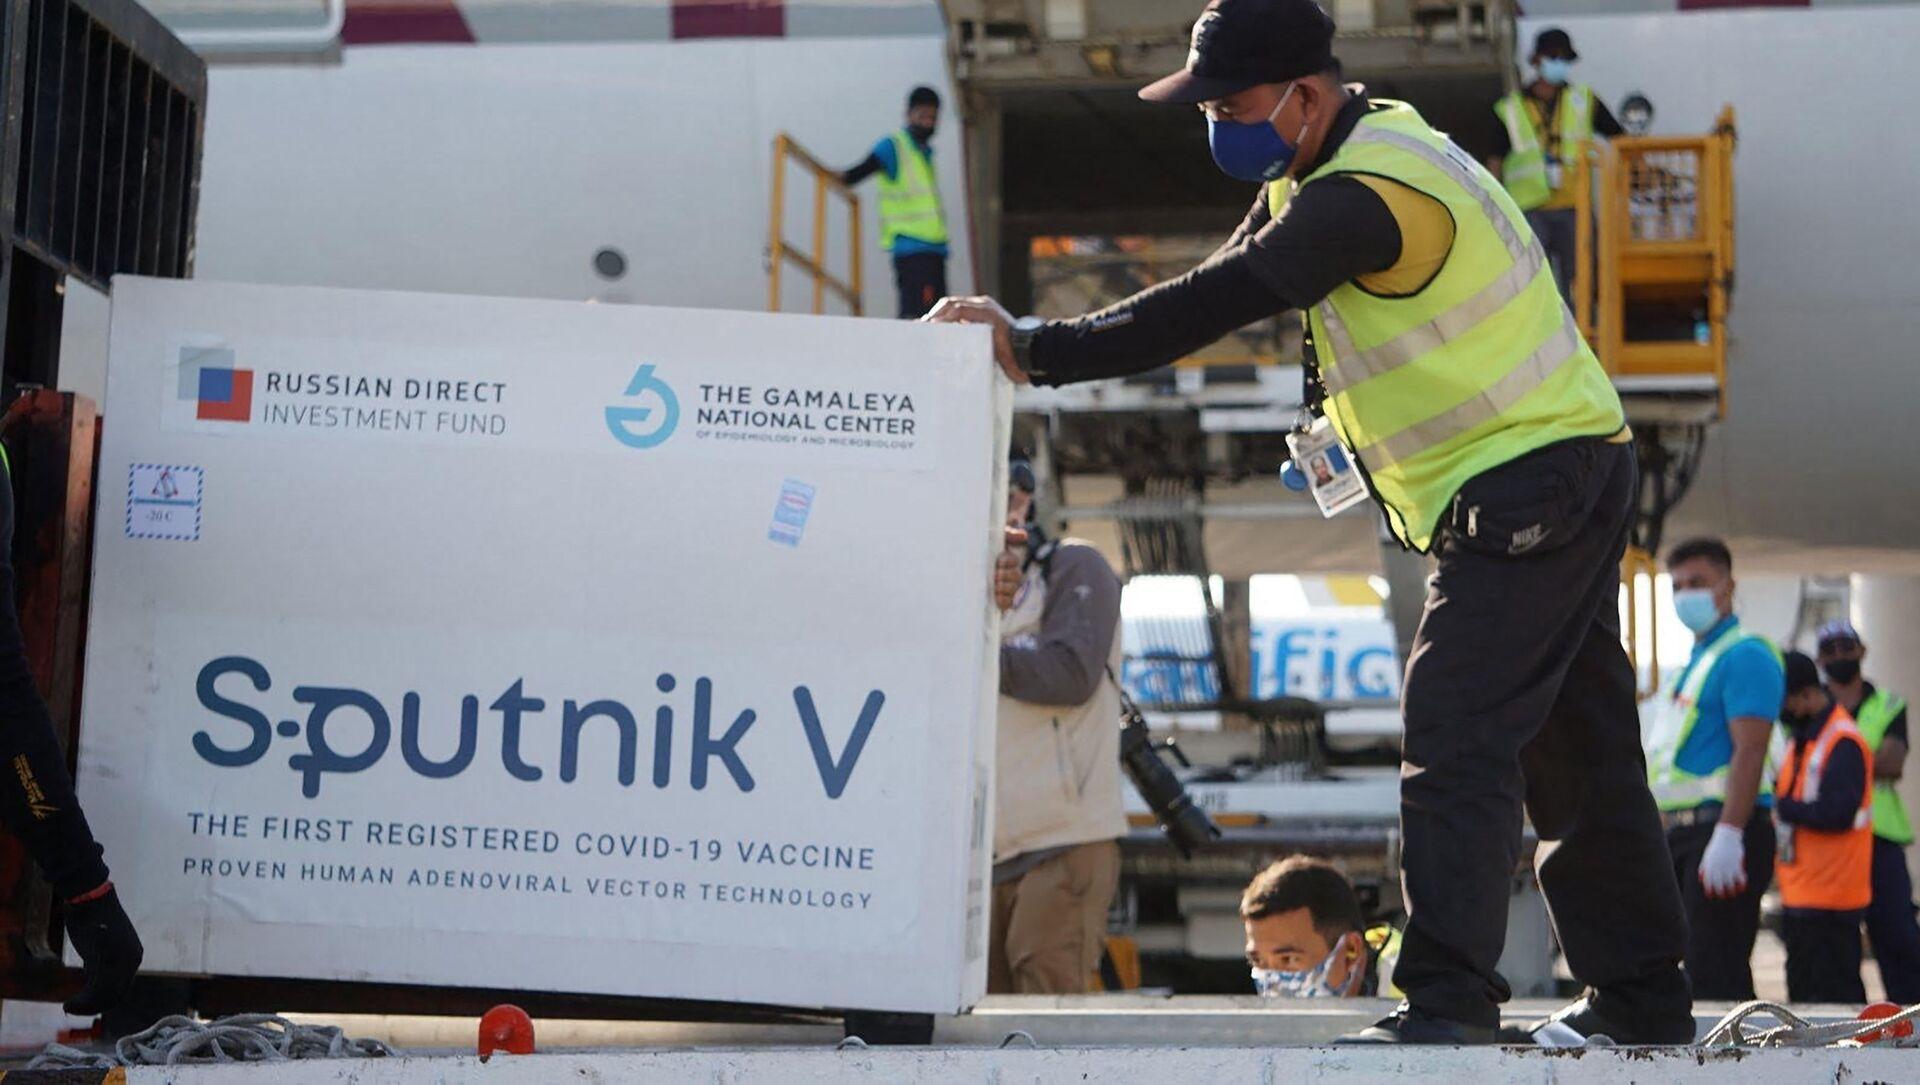 Công nhân sân bay quốc tế Manila bốc dỡ lô vaccine ngừa coronavirus Sputnik V do Nga sản xuất. - Sputnik Việt Nam, 1920, 12.05.2021